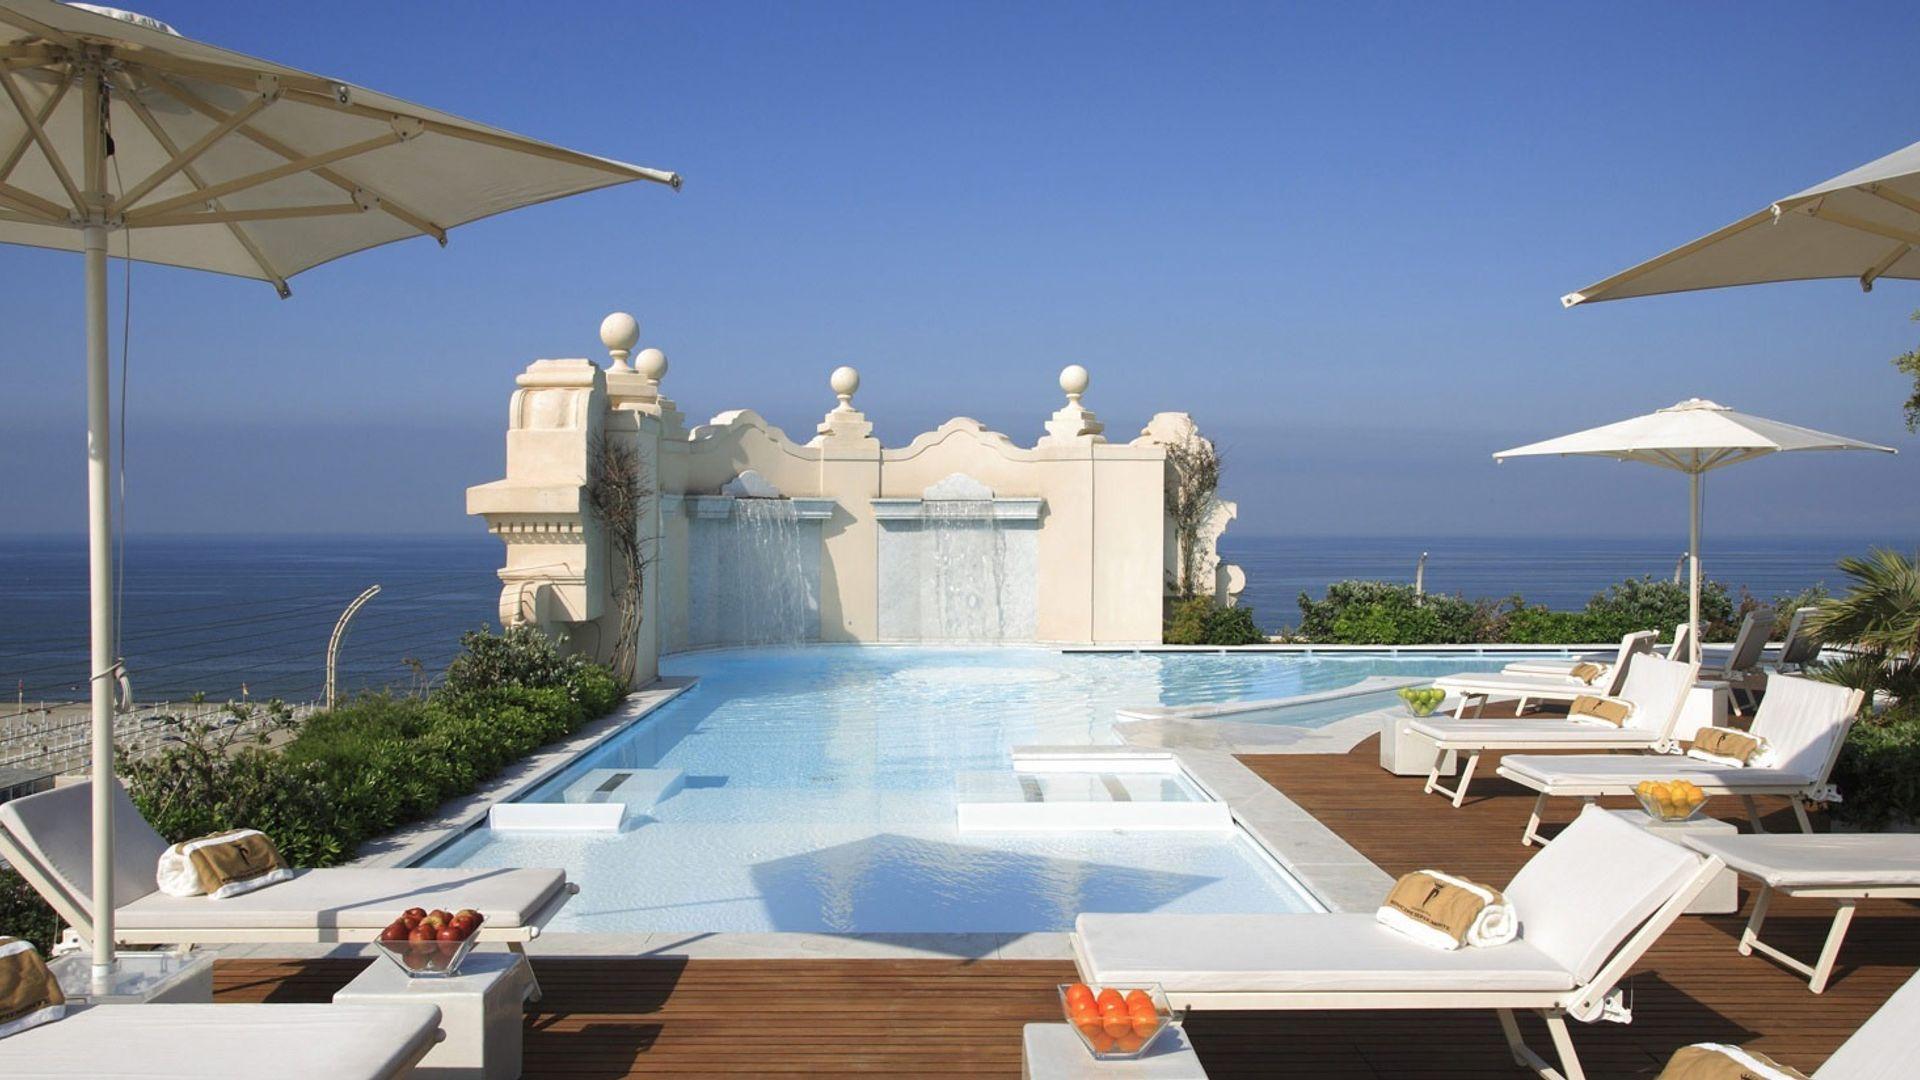 5* Grand Hotel Principe di Piemonte